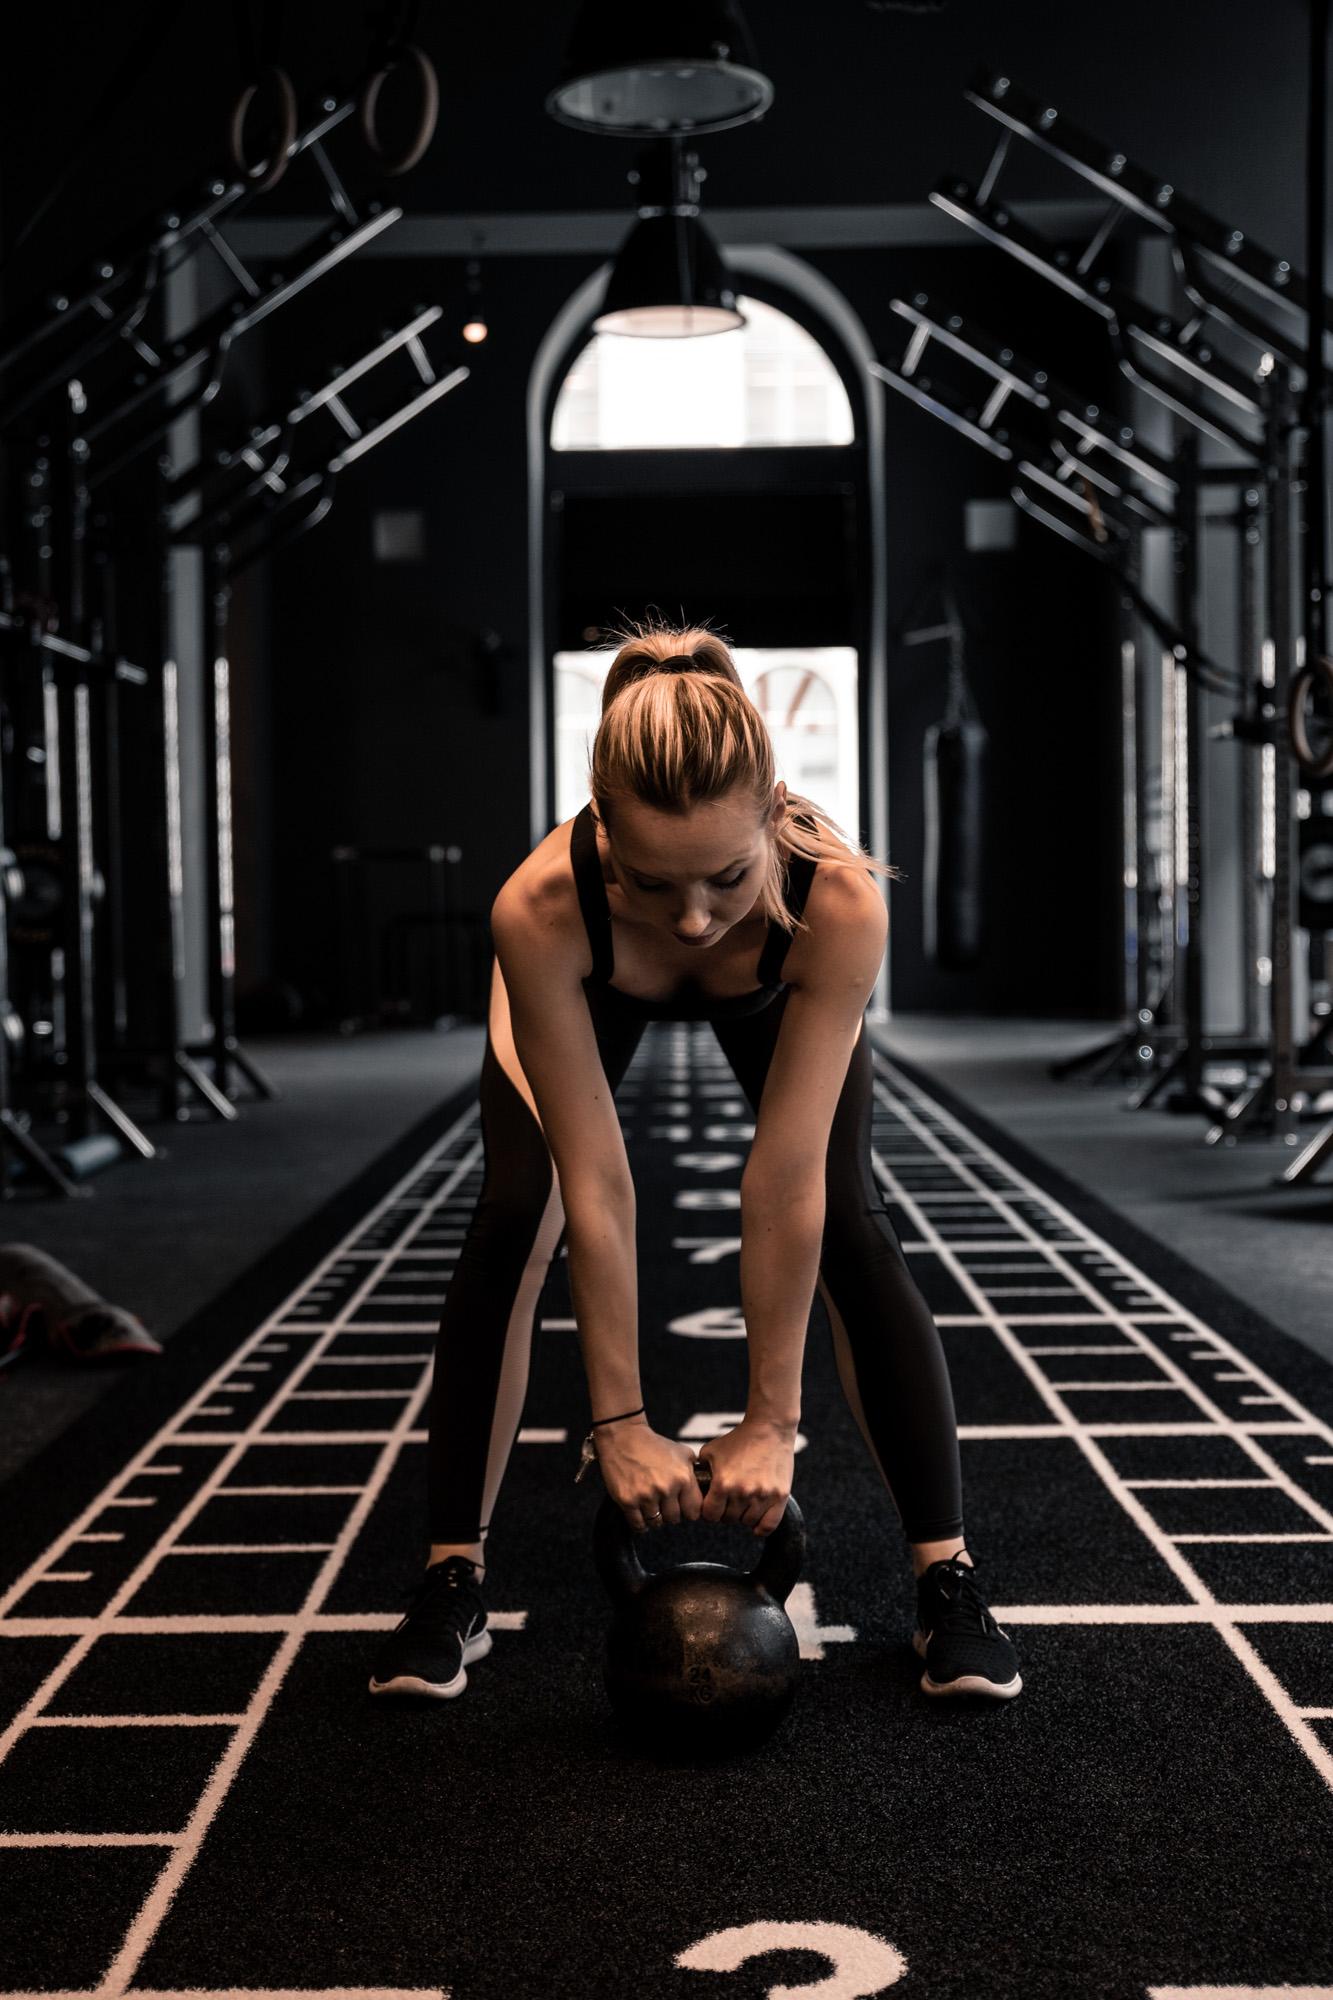 Die besten Übungen zur Stärkung der Rumpfmuskulatur